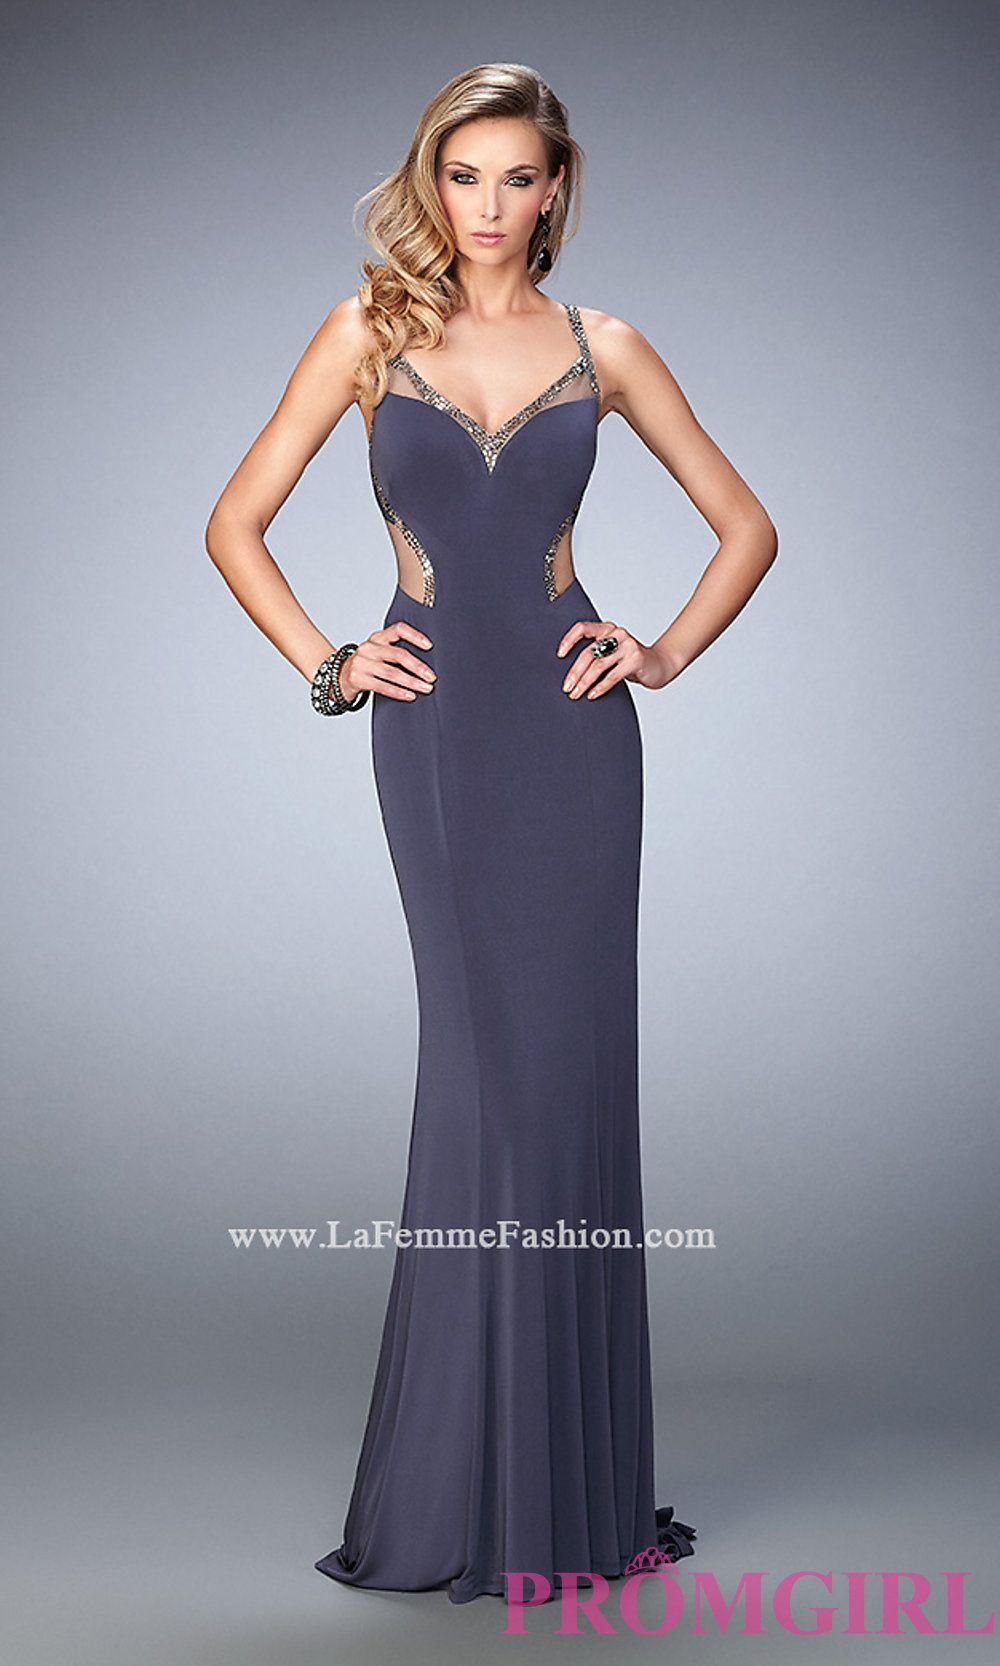 V-Neck Open Back Long La Femme Prom Dress Style: LF-22461 | guzde ...